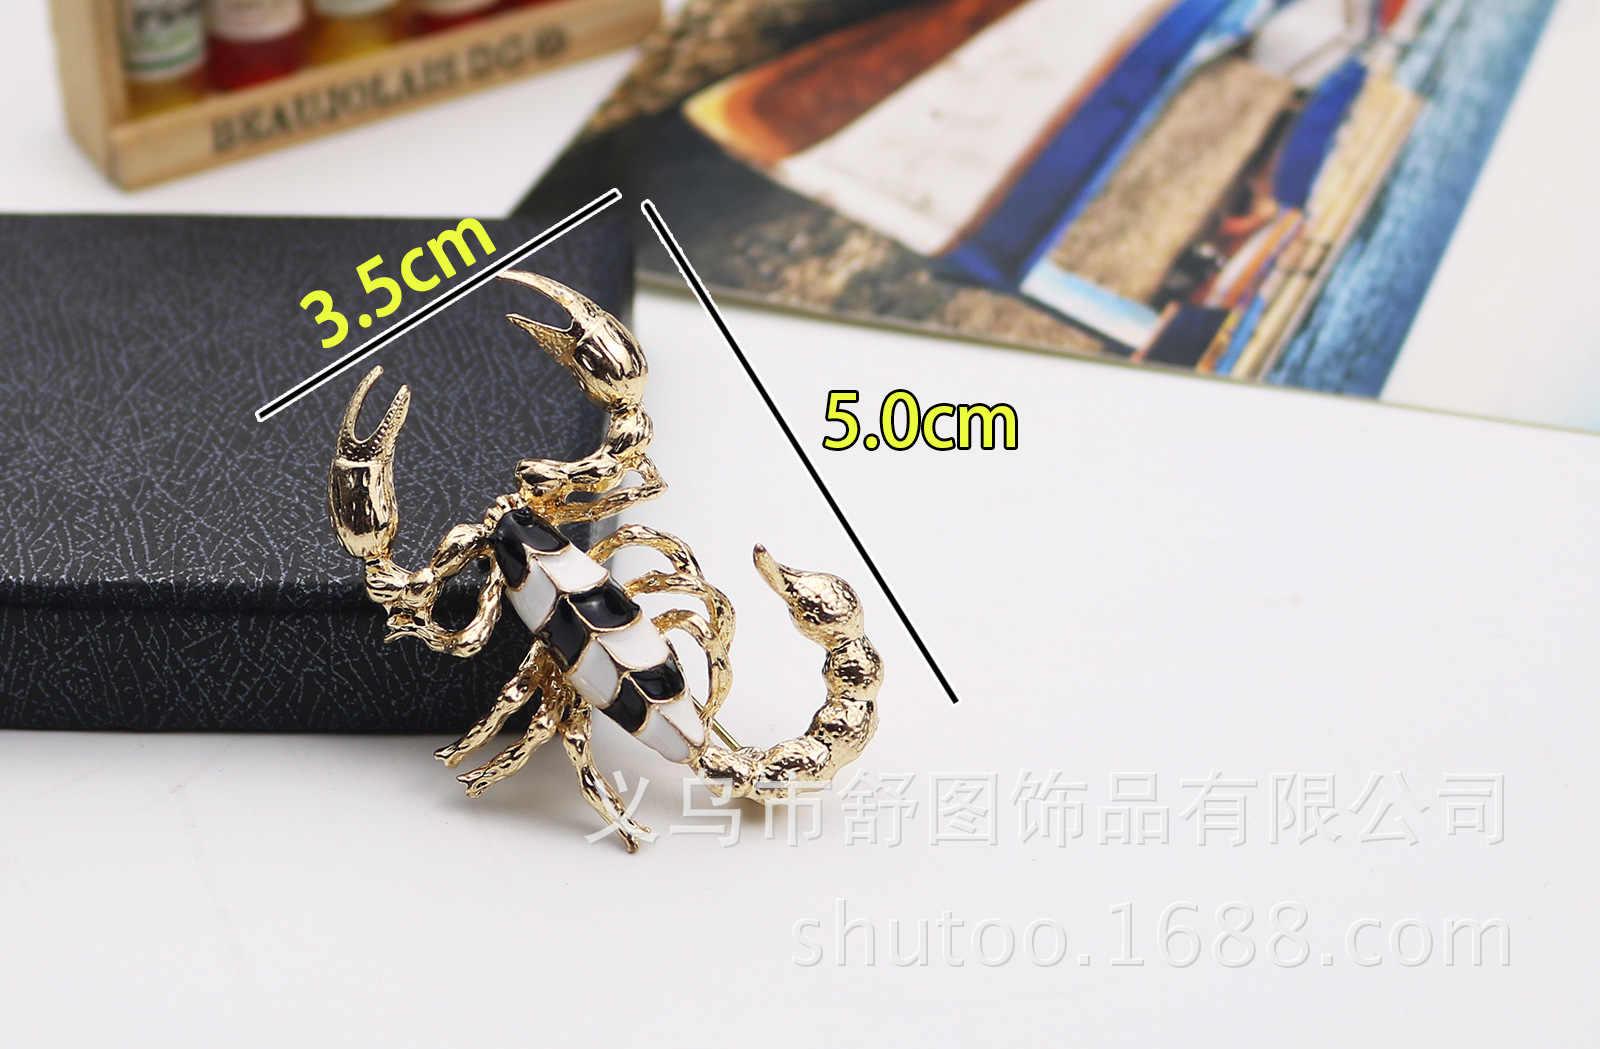 แฟชั่นทองเงินเคลือบแมงป่องเข็มกลัดบุคลิกภาพอารมณ์ Corsage Lapel PIN ชายเสื้อผ้าอุปกรณ์เสริมของขวัญ